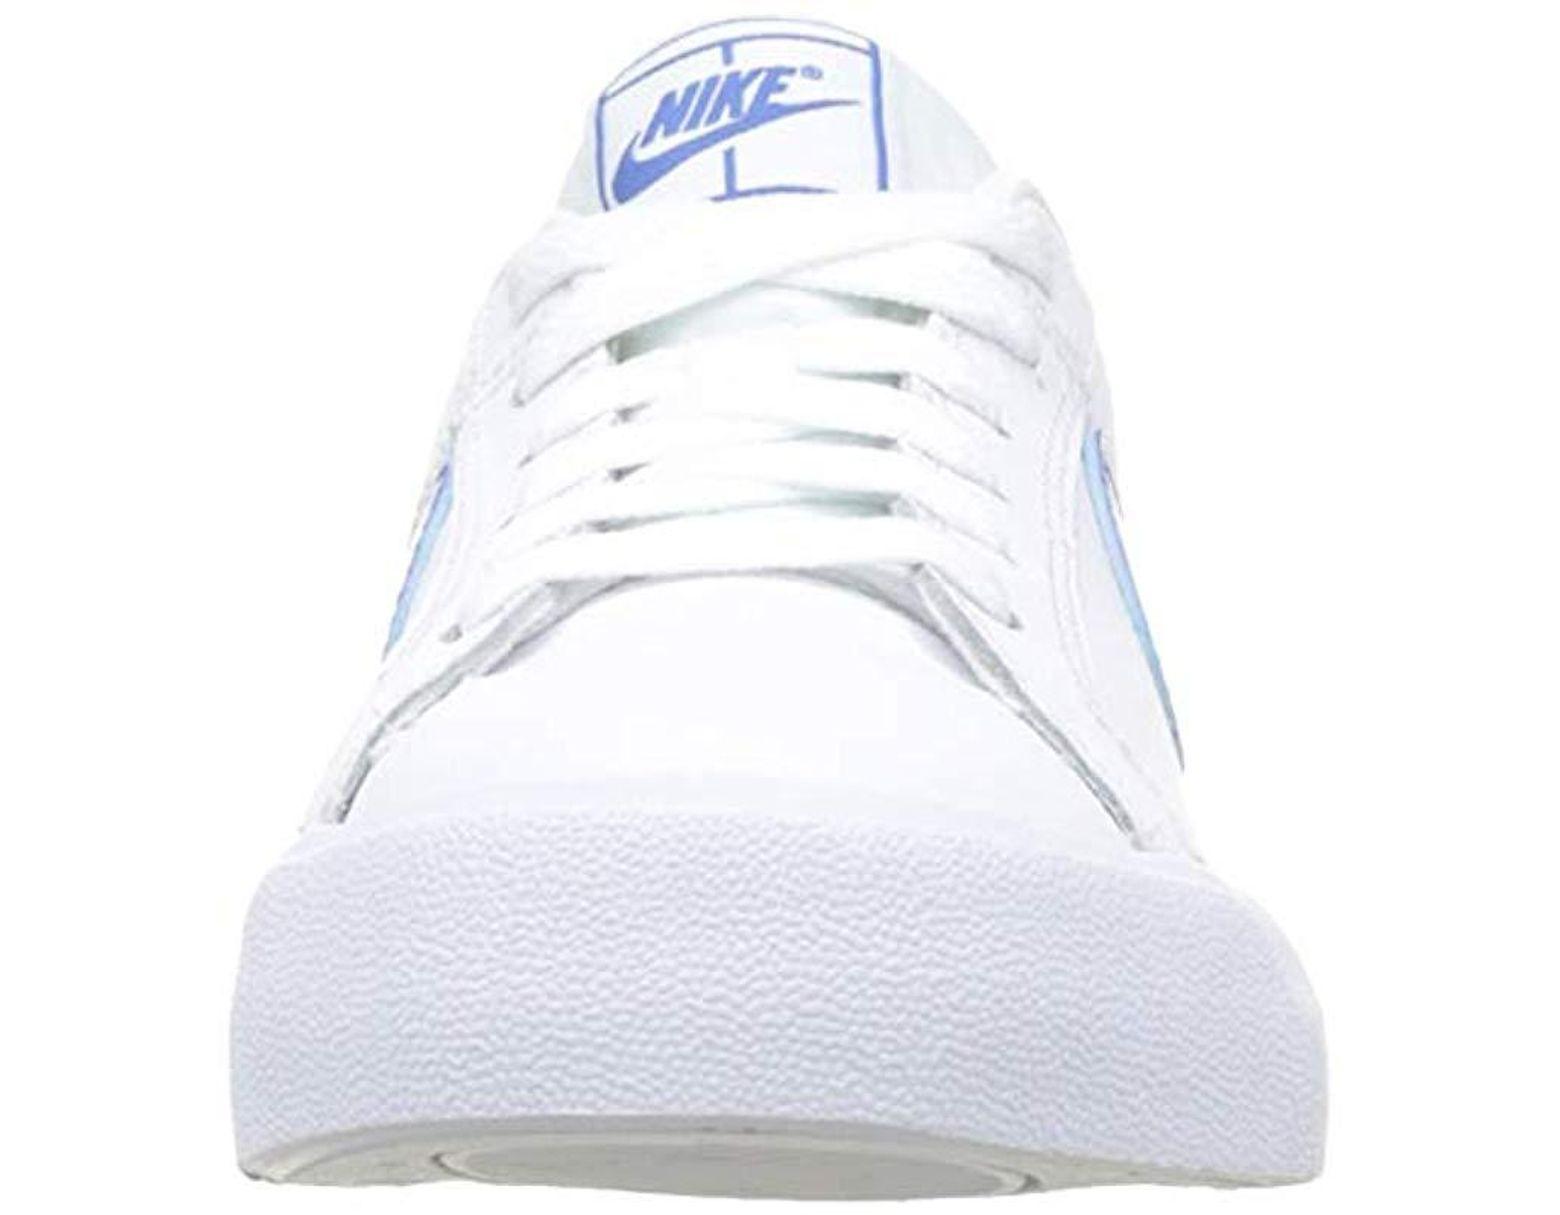 Court Blue Wmns Shoes Women's Royale Tennis Ac CoWrBedxQ